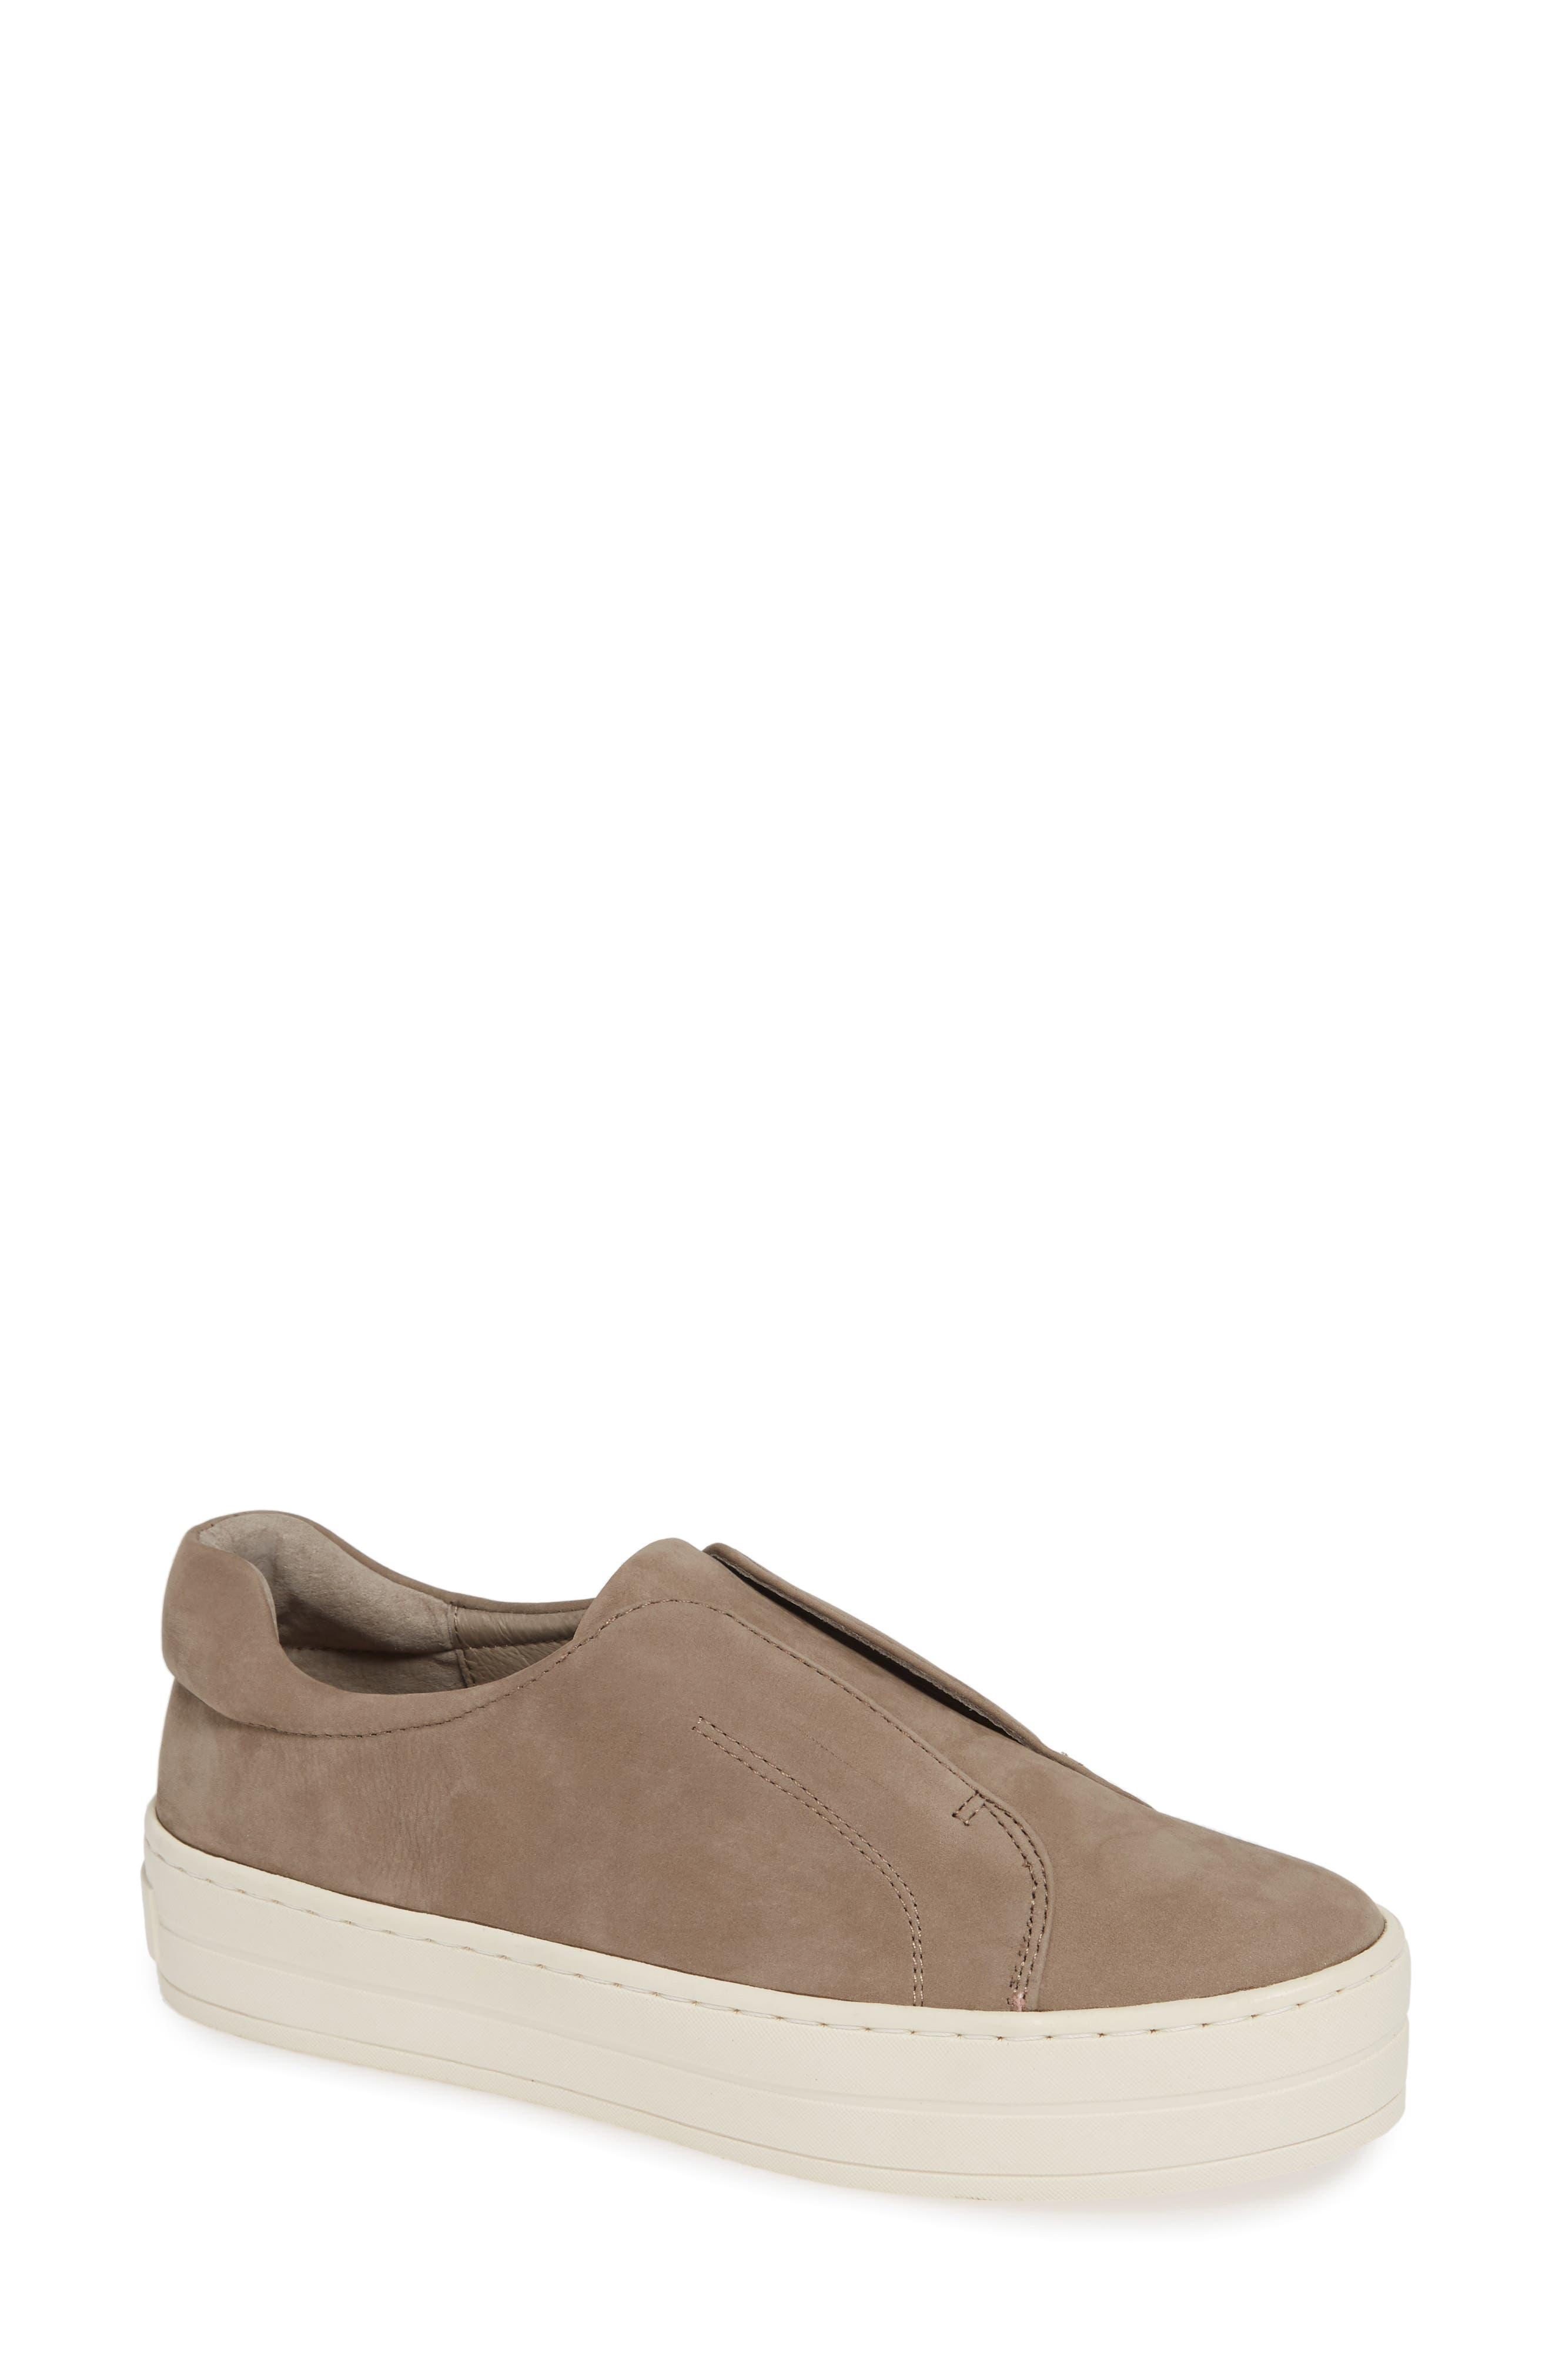 Jslides Heidi Platform Slip-On Sneaker- Beige